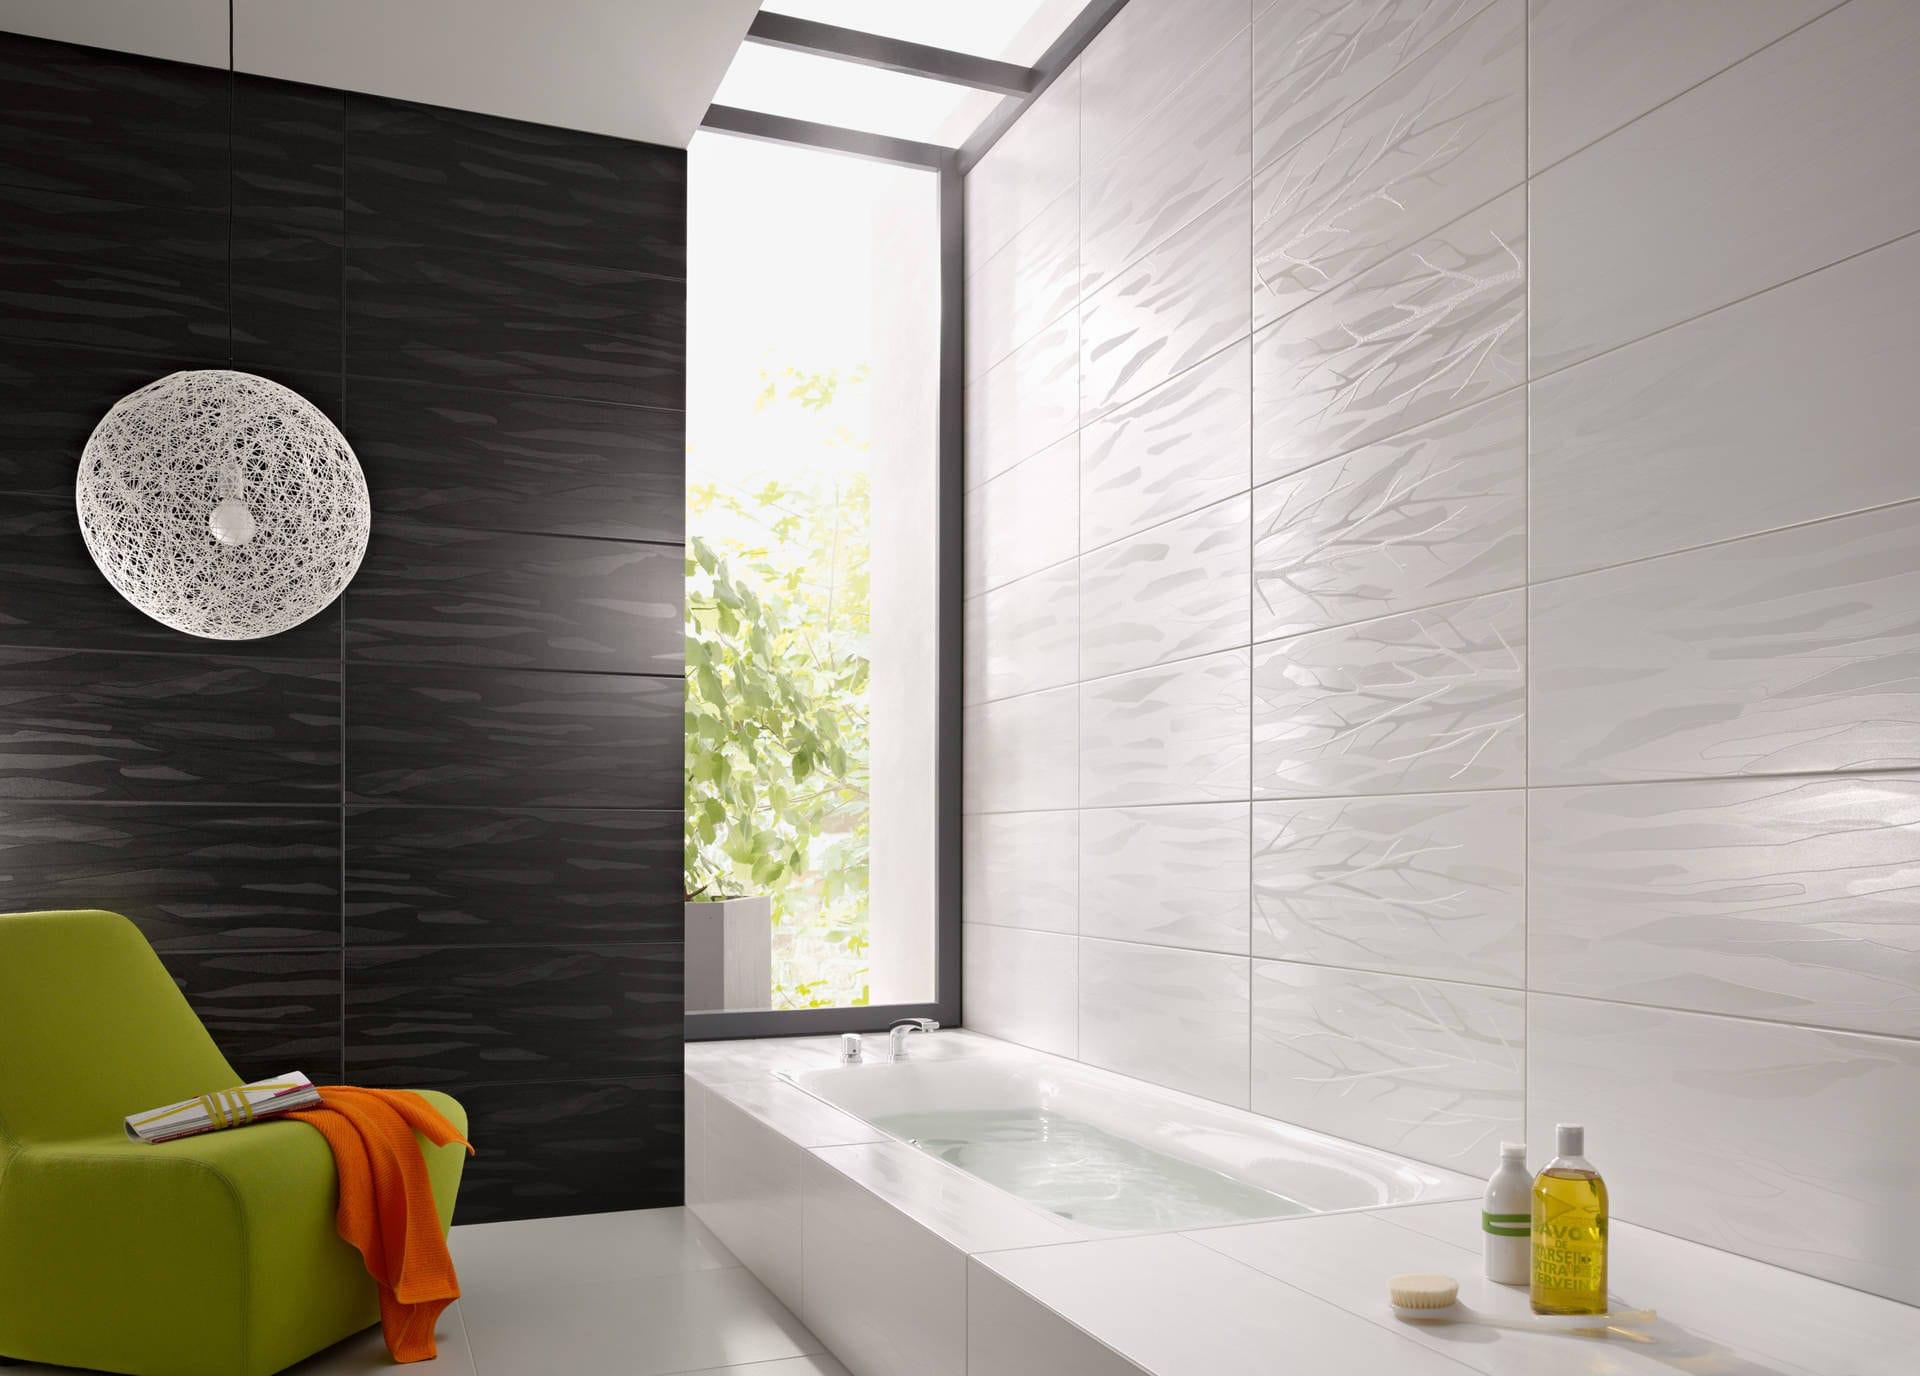 Indoor tile / bathroom / wall / sandstone - SILK - Steuler-Fliesen